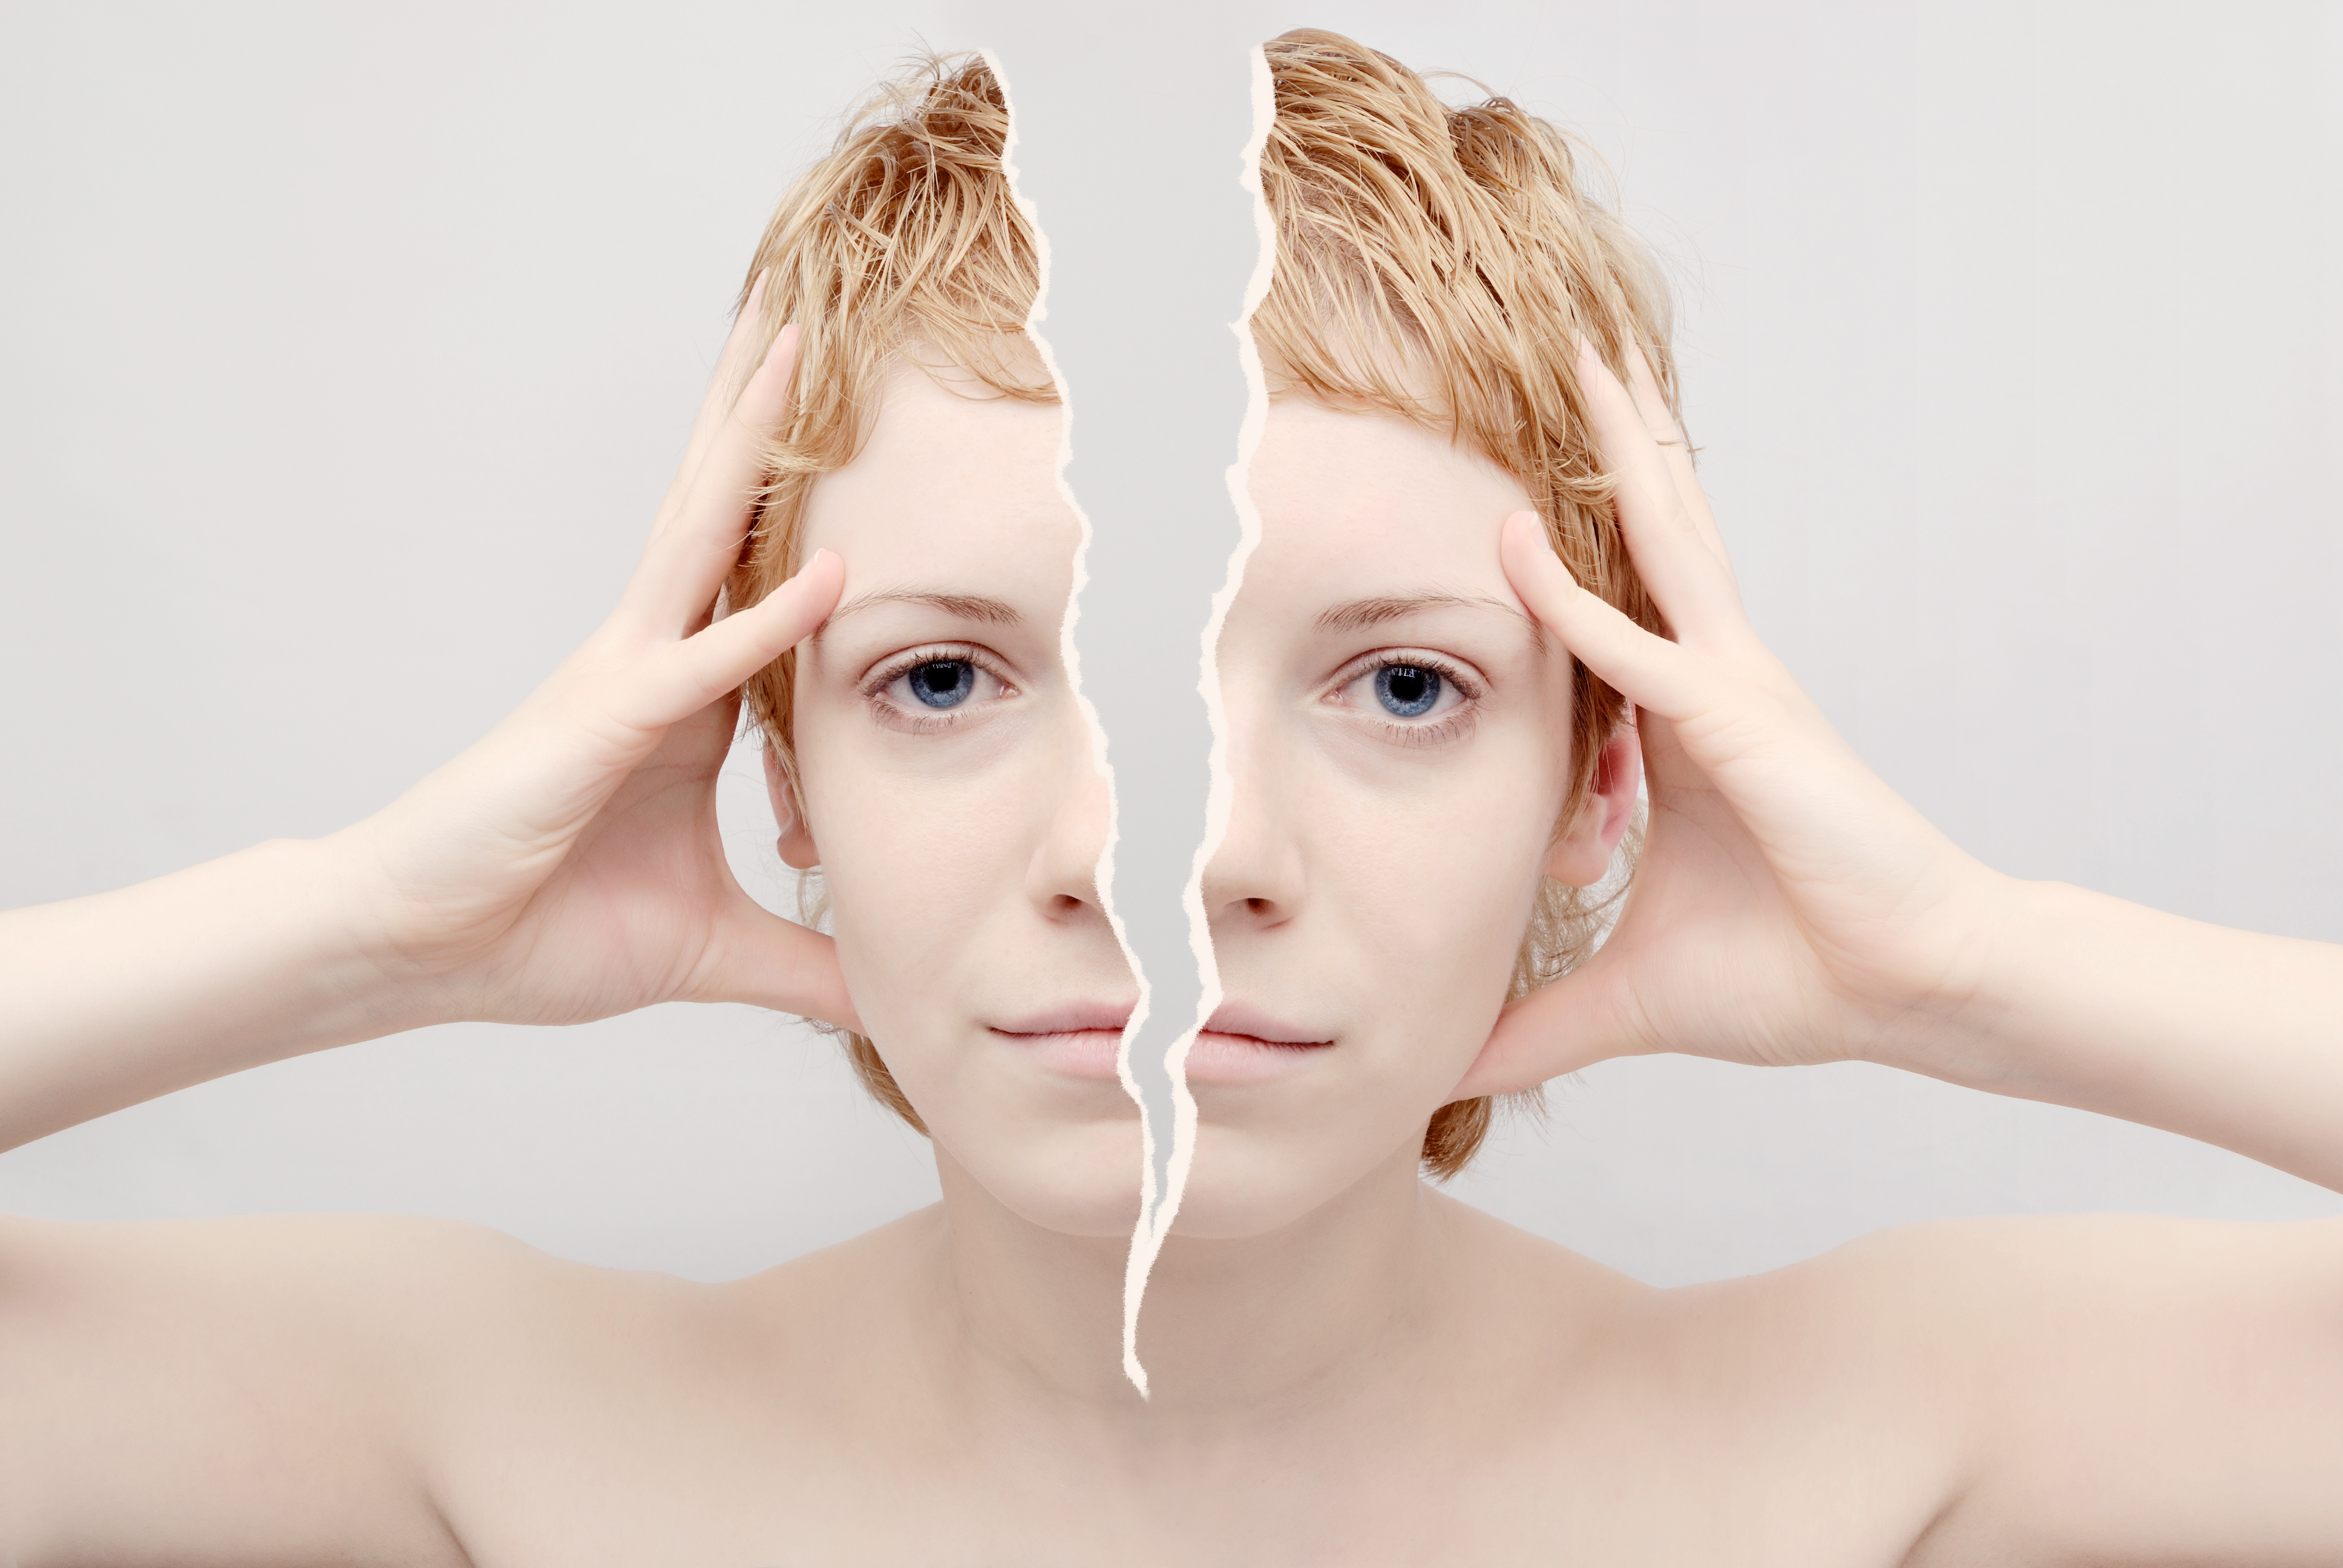 Ett migränanfall kan utlösas av många olika saker. Stress, sömnbrist och hormonförändringar